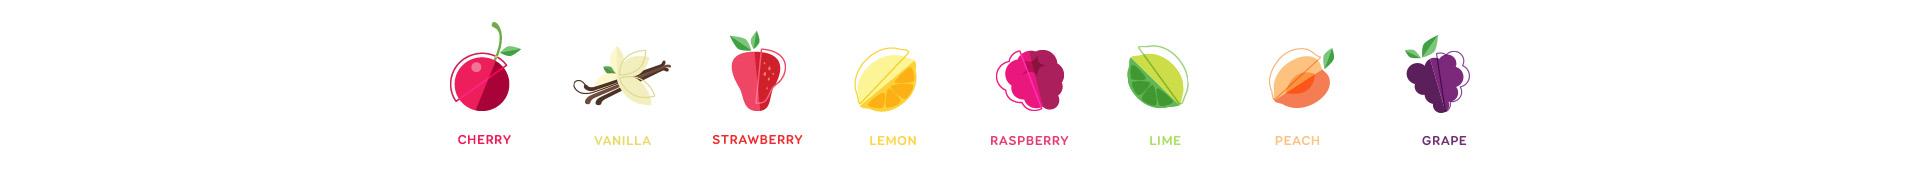 flavor_shots.jpg